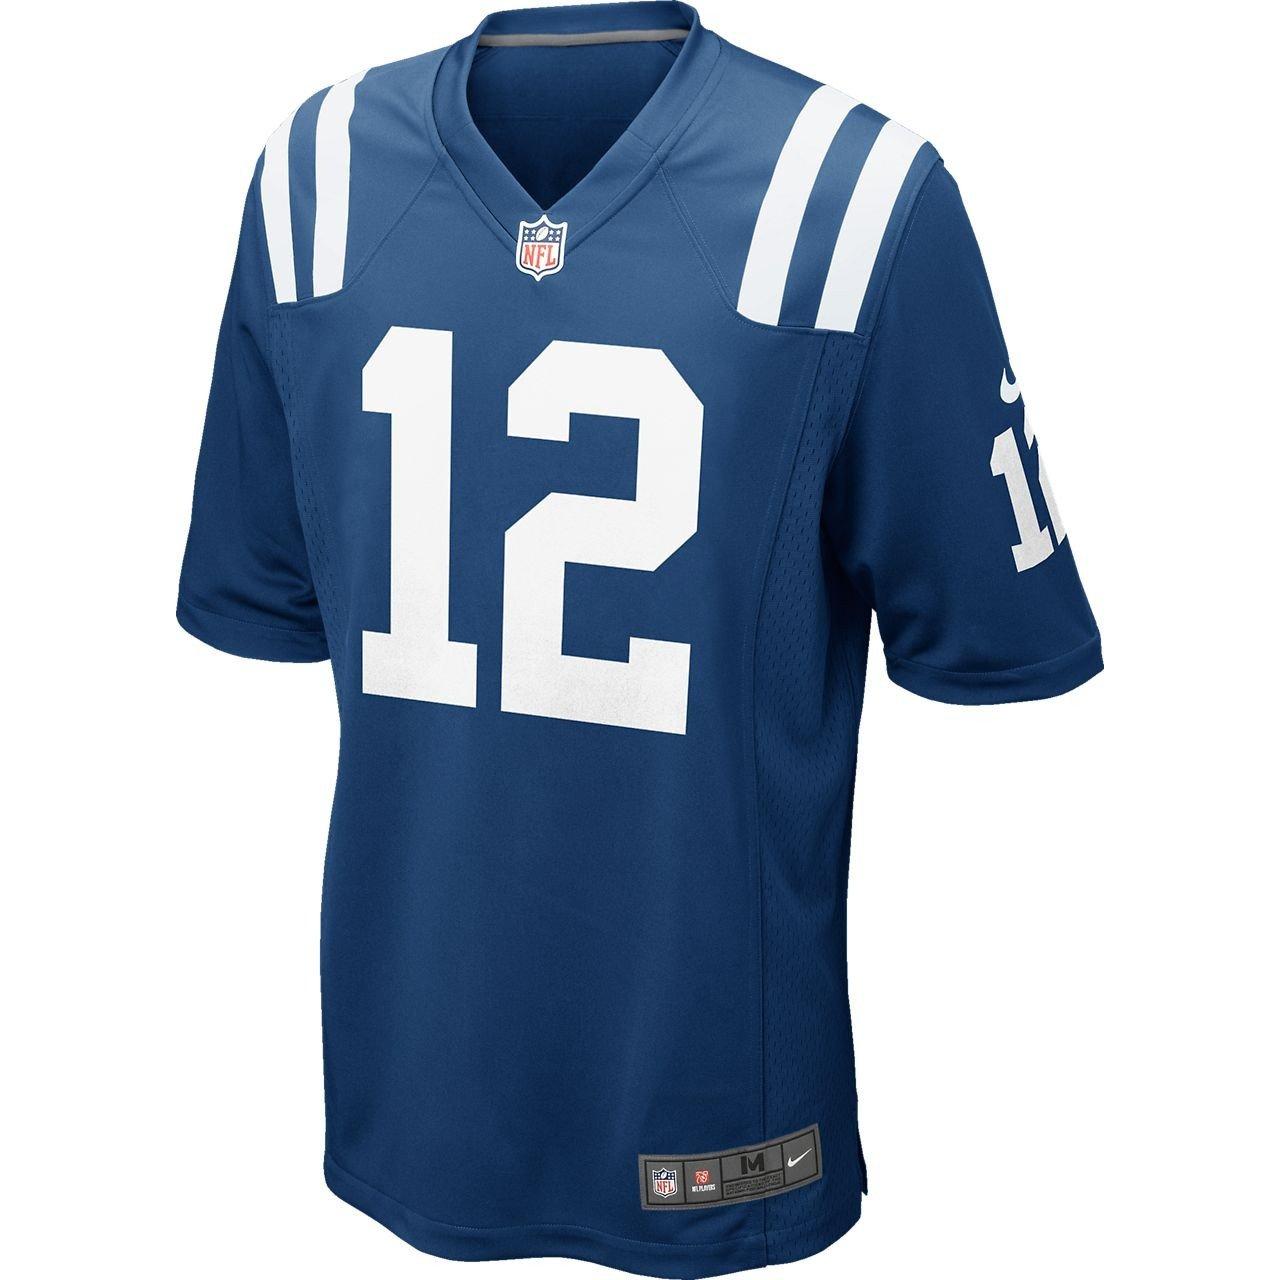 Nike NFL Indianapolis Colts Andrew Luck Jeu de Football Américain en Jersey pour Homme en Bleu